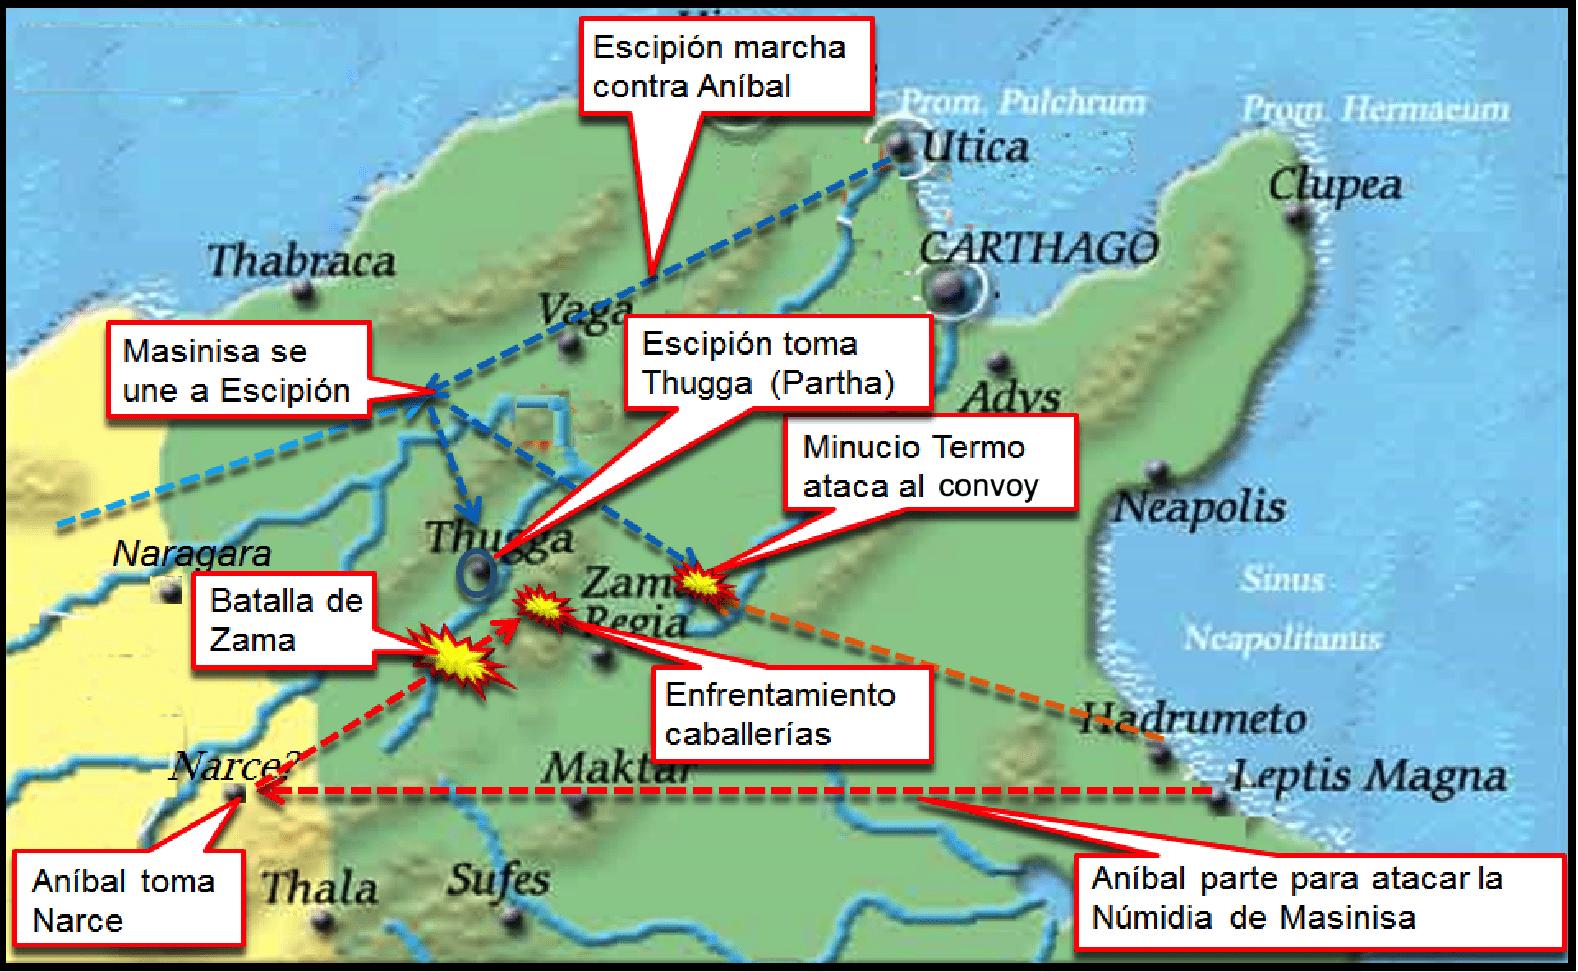 Batalla de Zama: Movimientos previos